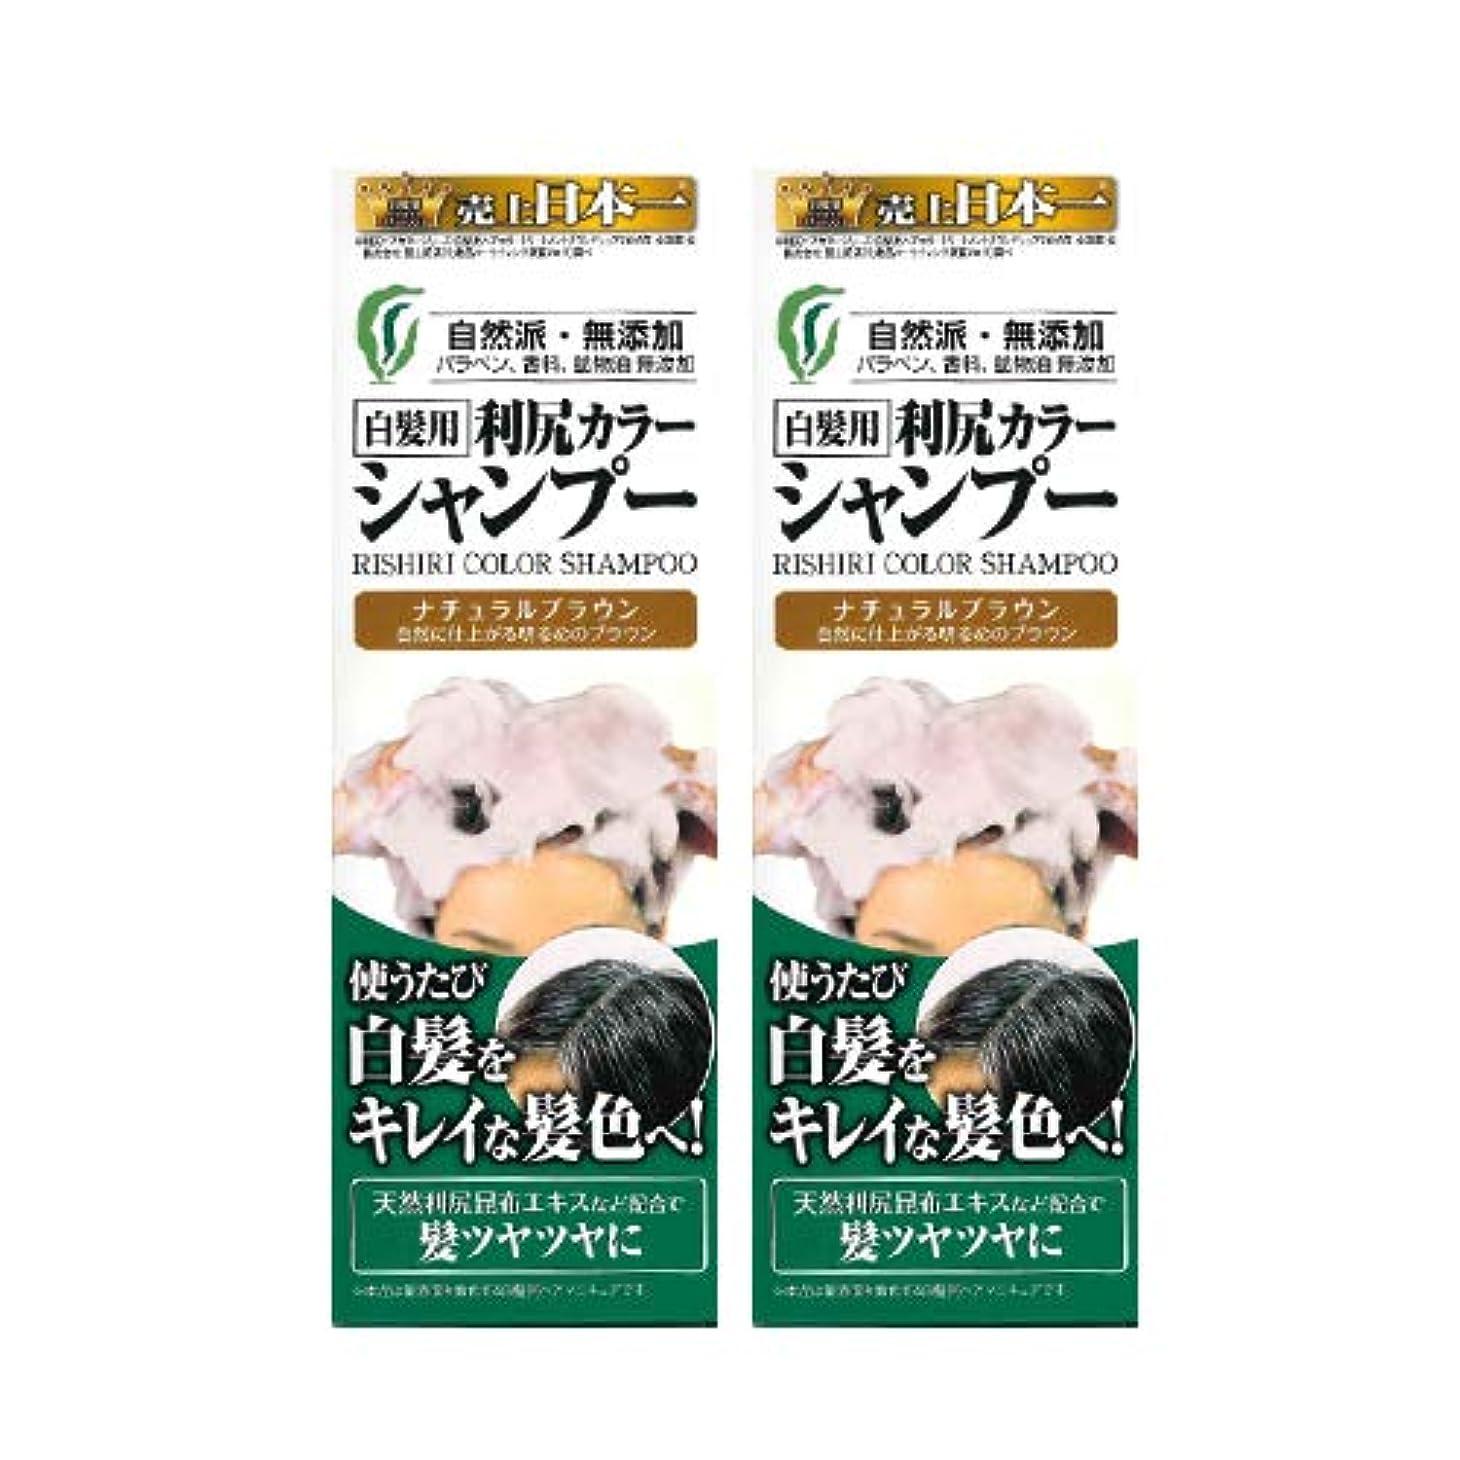 不完全なお祝い飛躍利尻カラーシャンプー2本セット(ナチュラルブラウン)